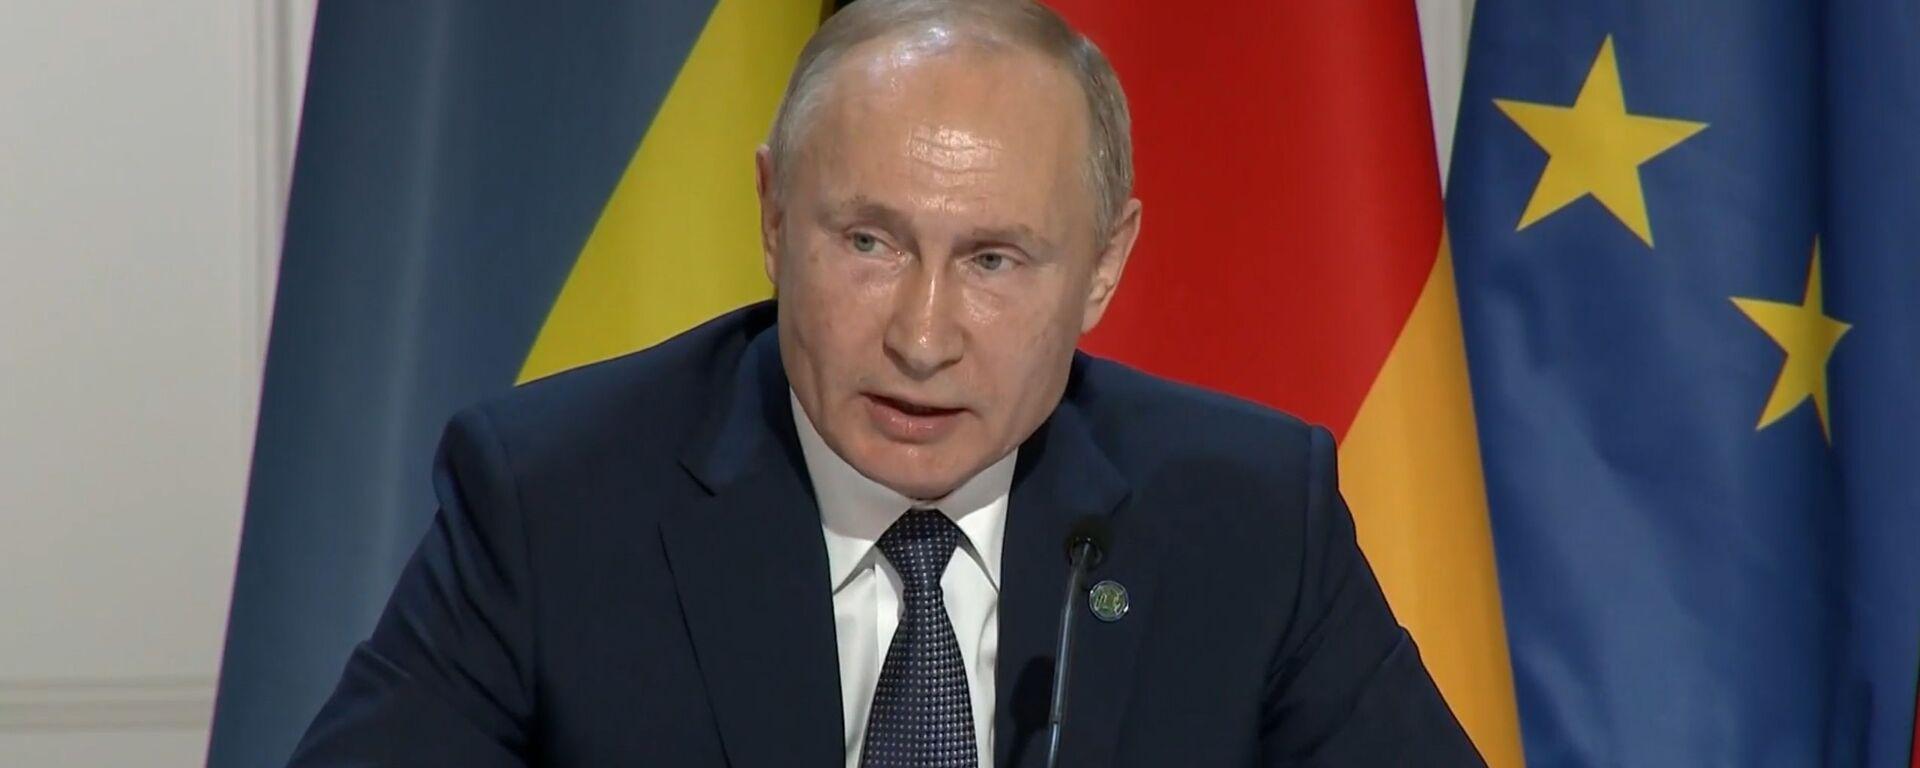 WADA qarori zamirida siyosiy tusga ega fikrlar yotibdi - Putin - Sputnik Oʻzbekiston, 1920, 11.12.2019